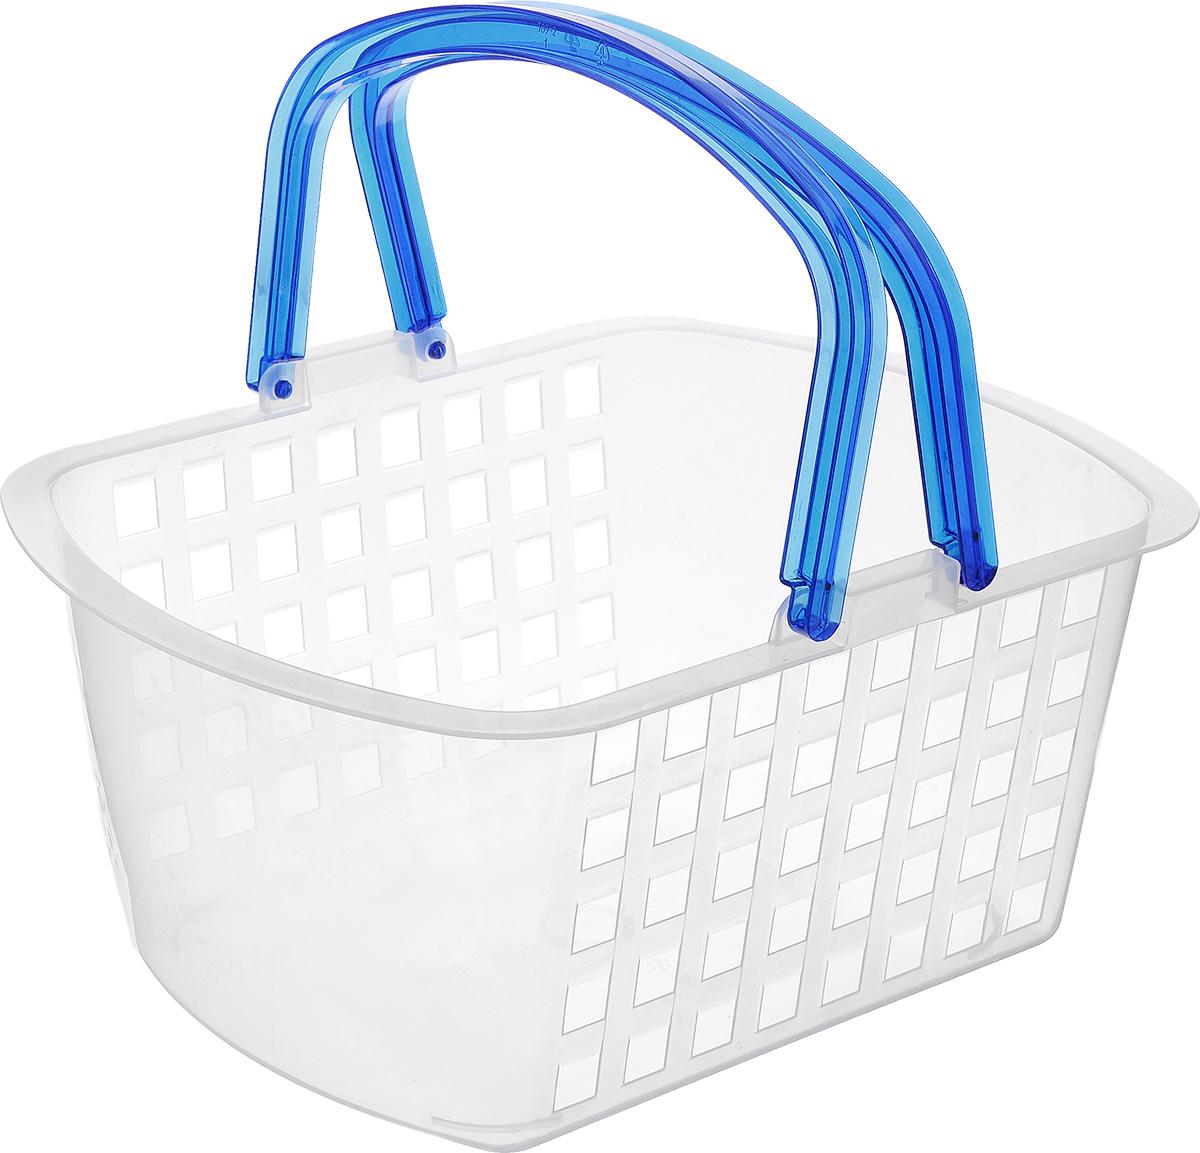 Корзинка универсальная Econova, с ручками, цвет: прозрачный, 31 х 24 х 15 смС12769Универсальная корзинка Econova изготовлена из высококачественного пищевого пластика и предназначена для хранения и транспортировки различных вещей. Корзинка подойдет как для пищевых продуктов, так и для ванных принадлежностей и различных мелочей. Изделие оснащено двумя ручками. Перфорированные стенки корзинки обеспечивают естественную вентиляцию. Универсальная корзинка Econova позволит вам хранить вещи компактно и с удобством.